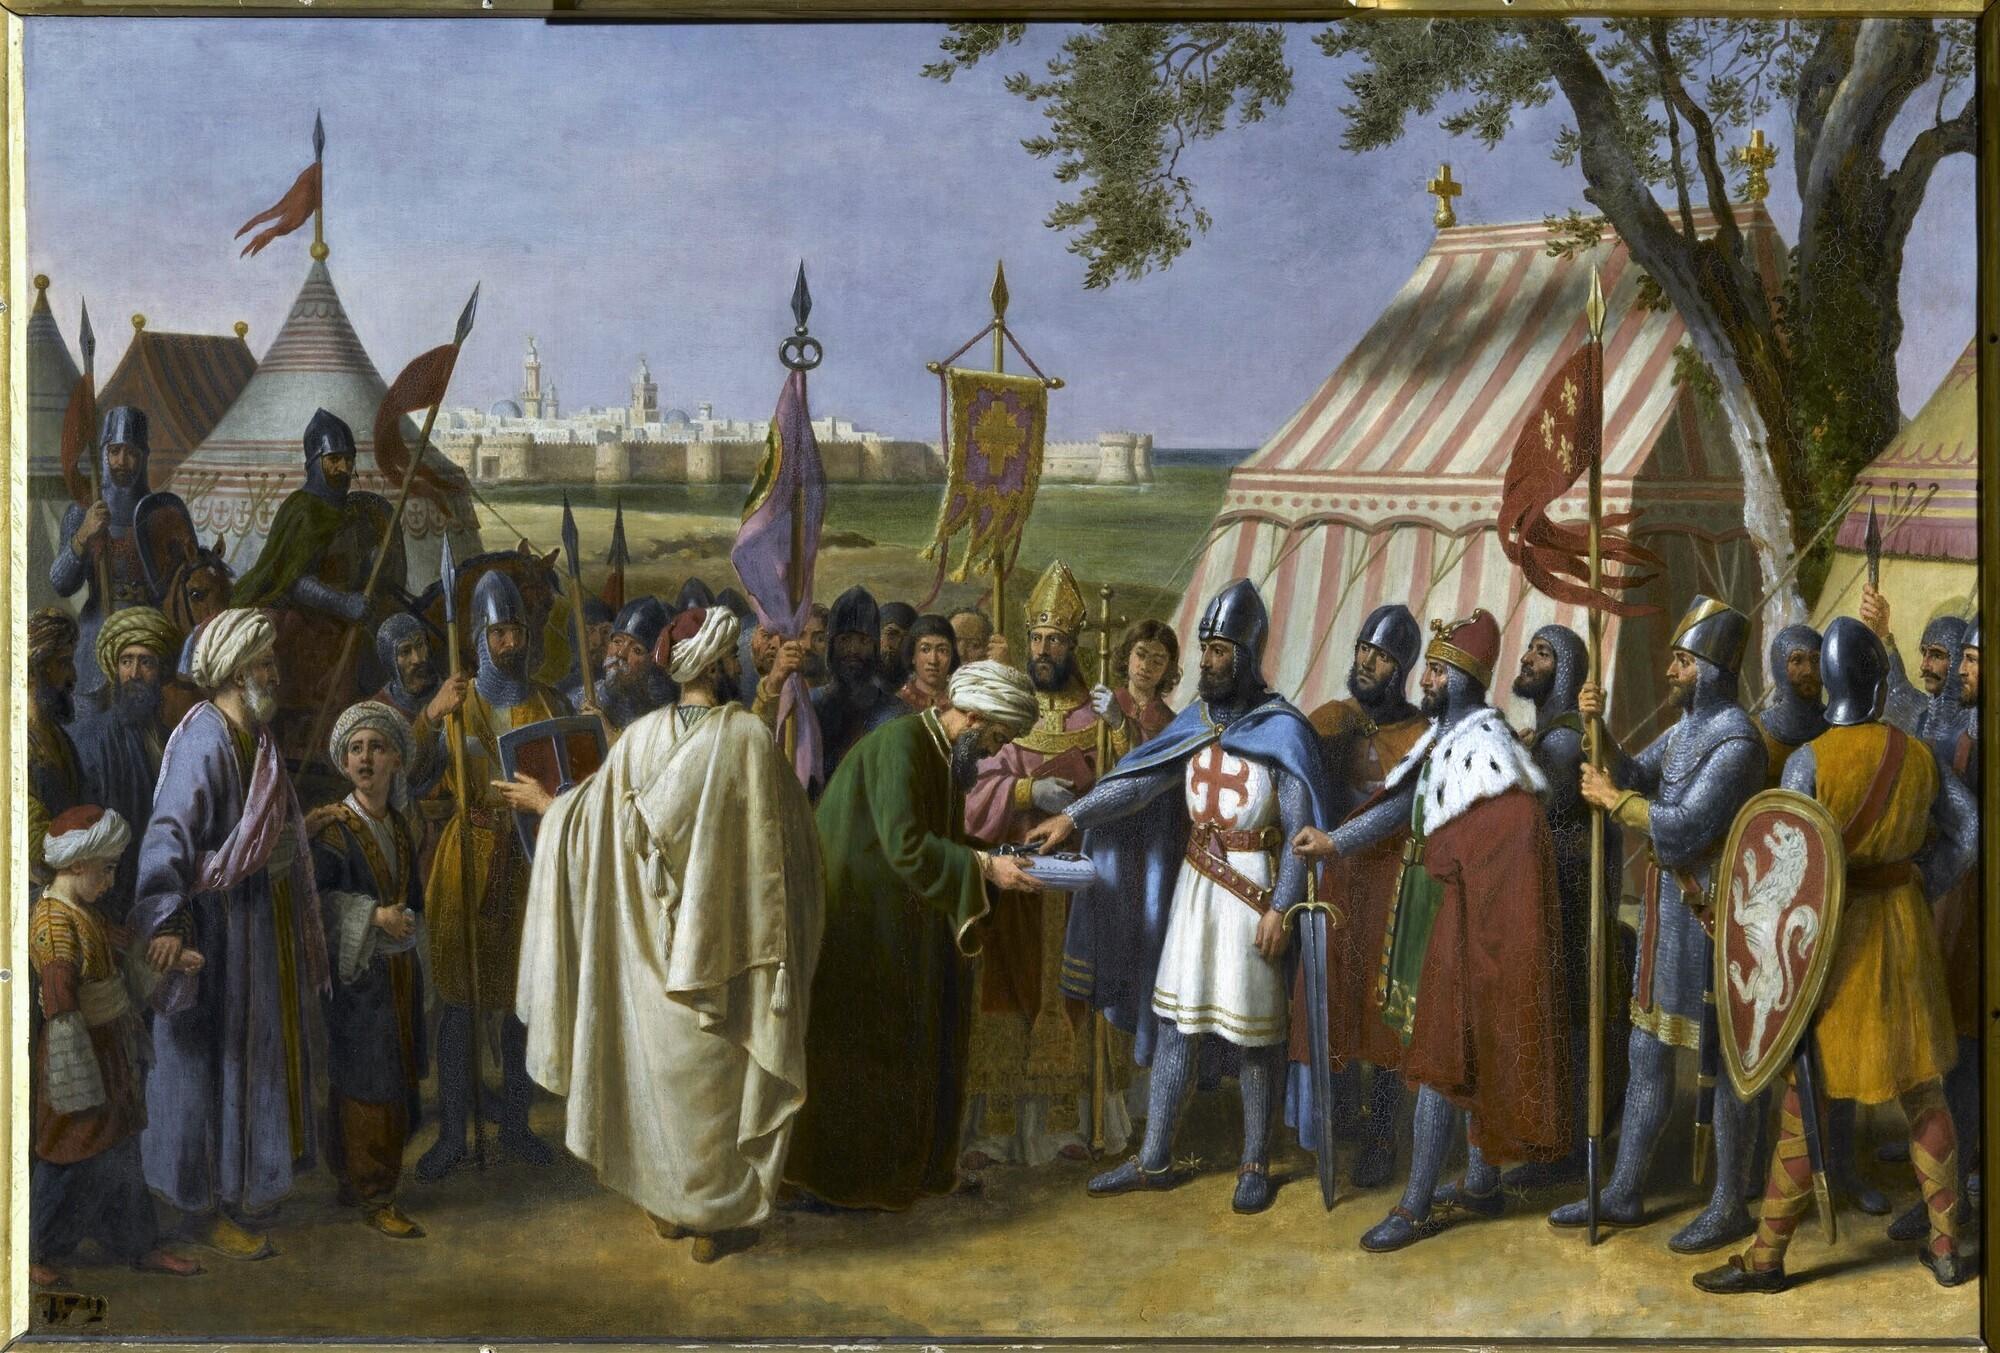 Le comte de Tripoli reçoit la reddition de la ville de Tyr, 1124. Peintre : Alexandre-François Caminade.